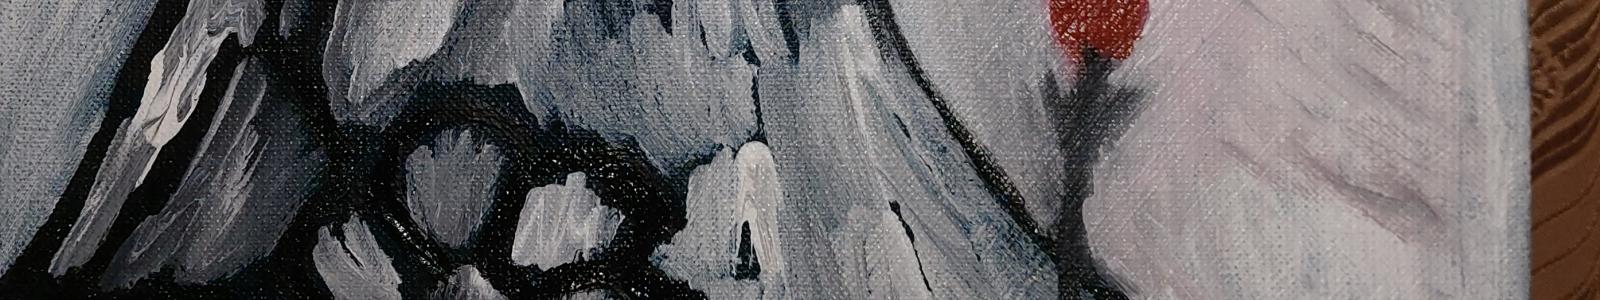 Gallery Artist Darya Yumi